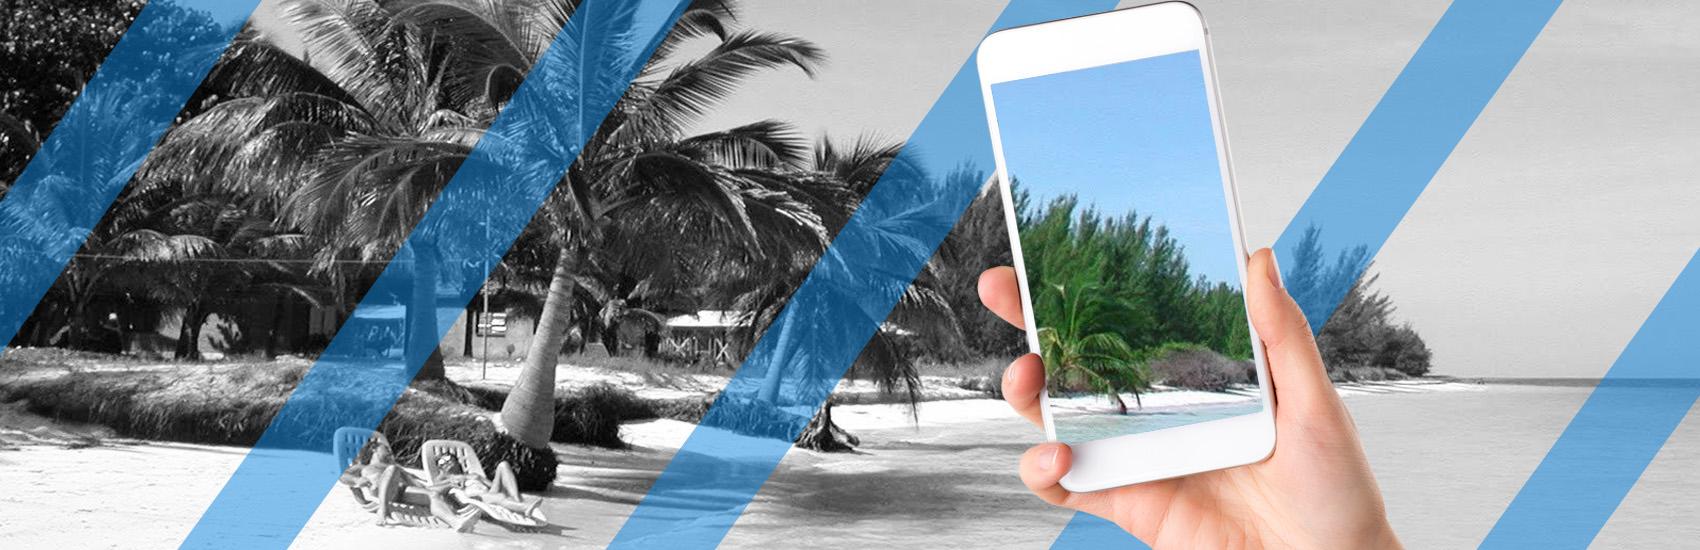 Выбрать мобильную связь и найти средство от насморка на Пхукете с ассистентом онлайн